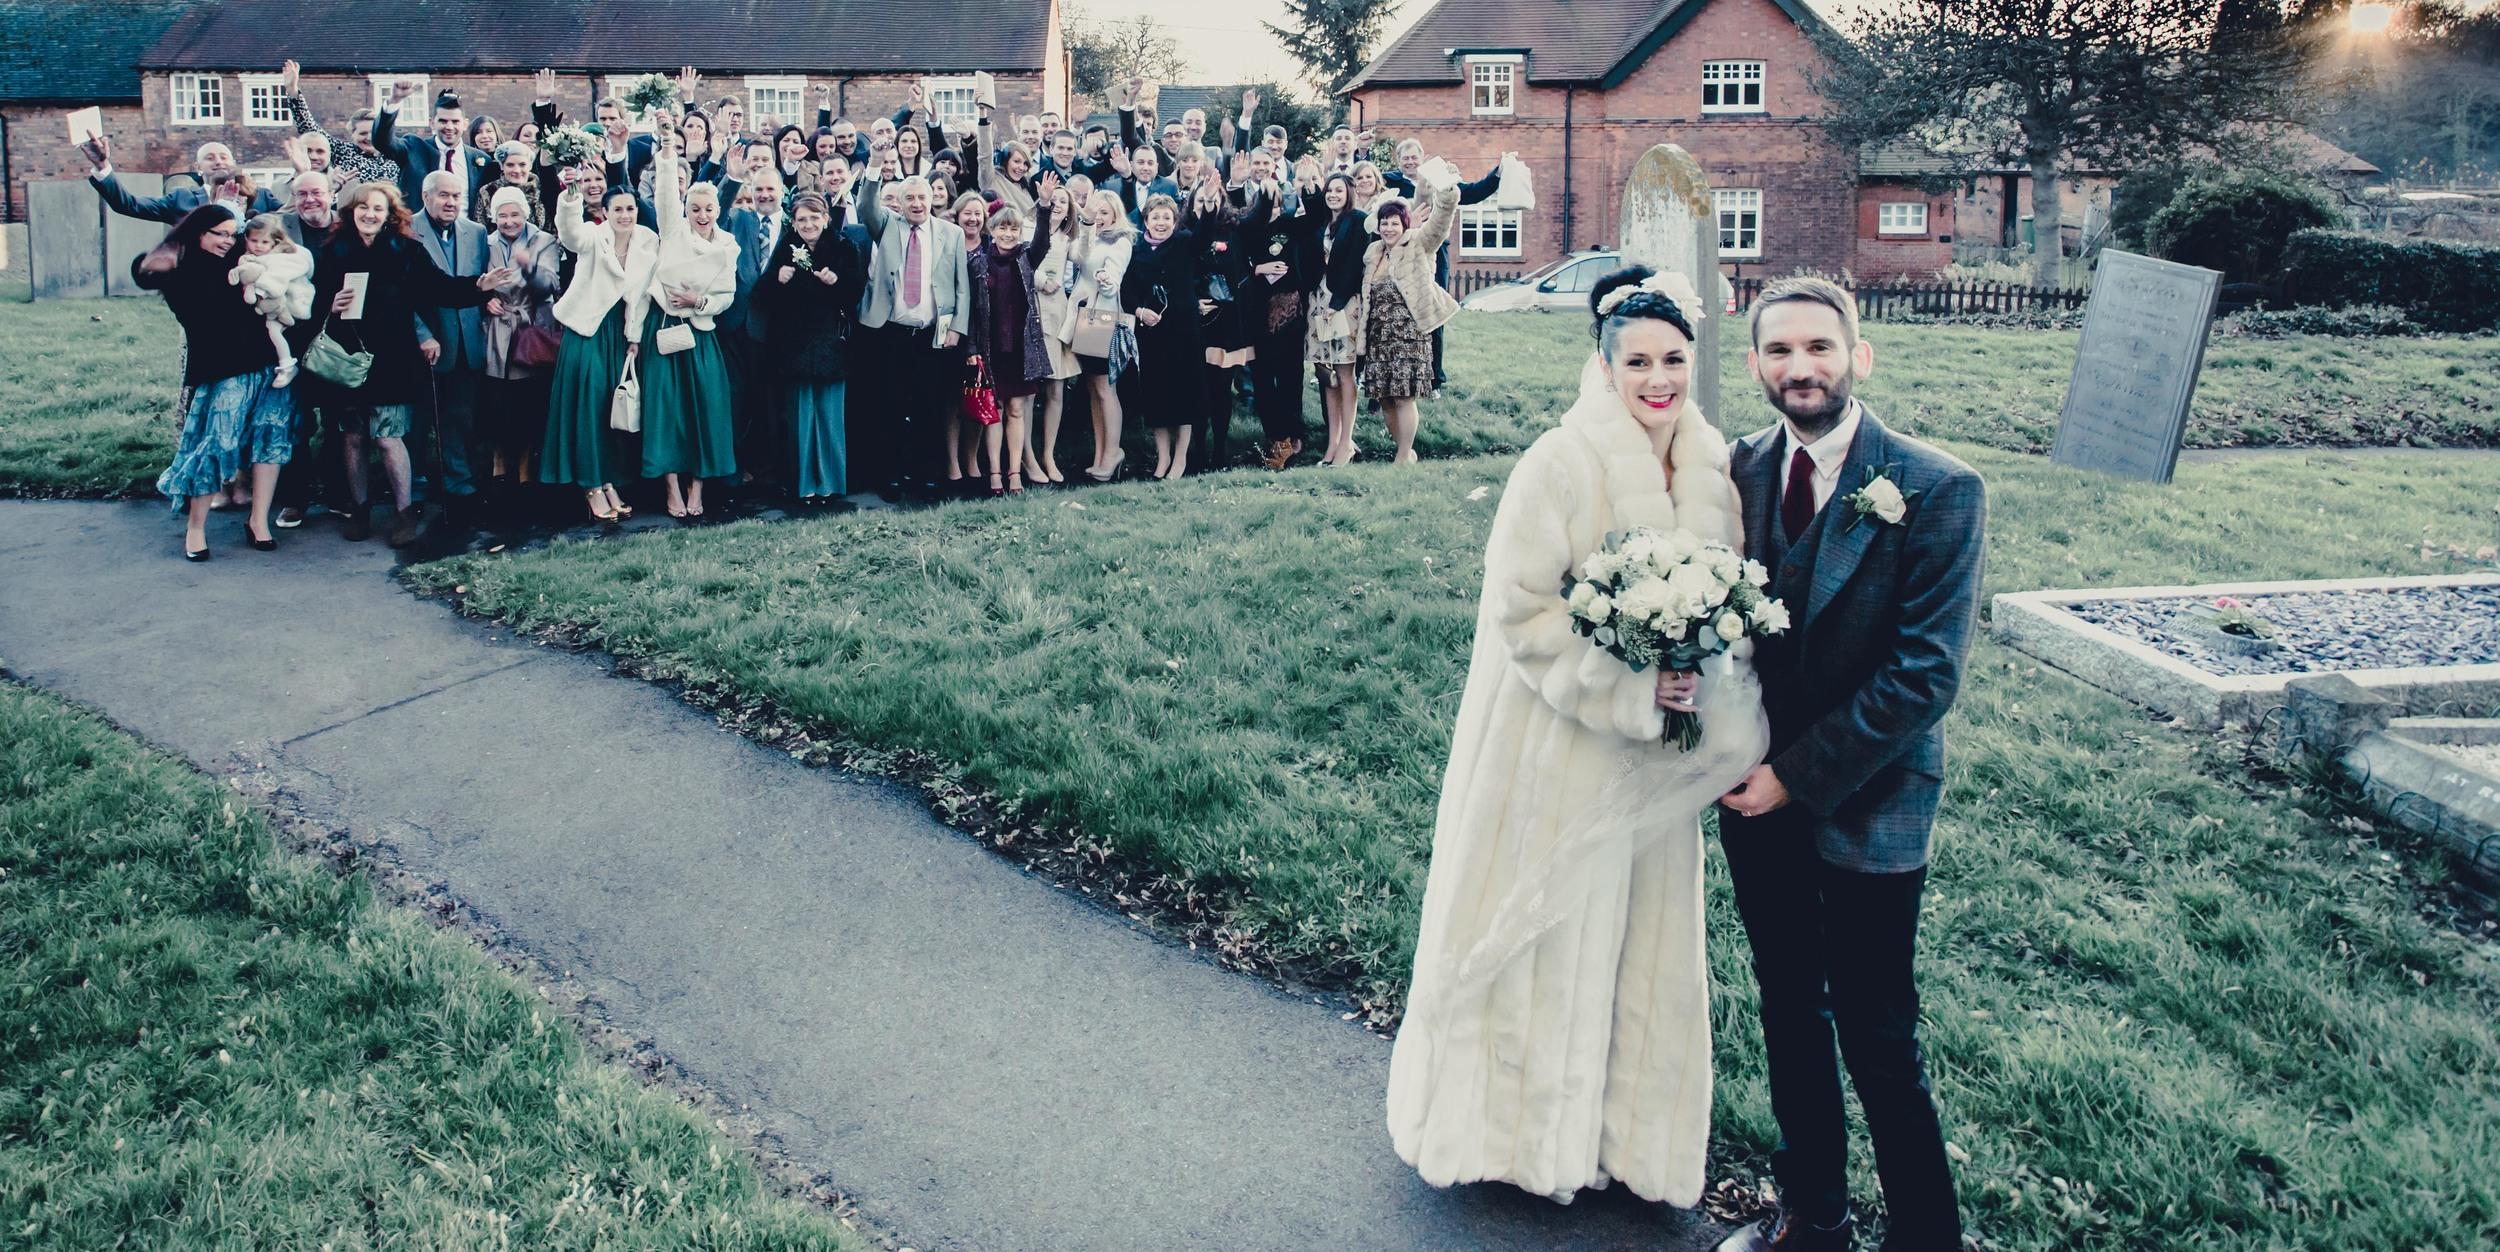 106 - Angela and Karls Wedding by www.markpugh.com -6812.jpg